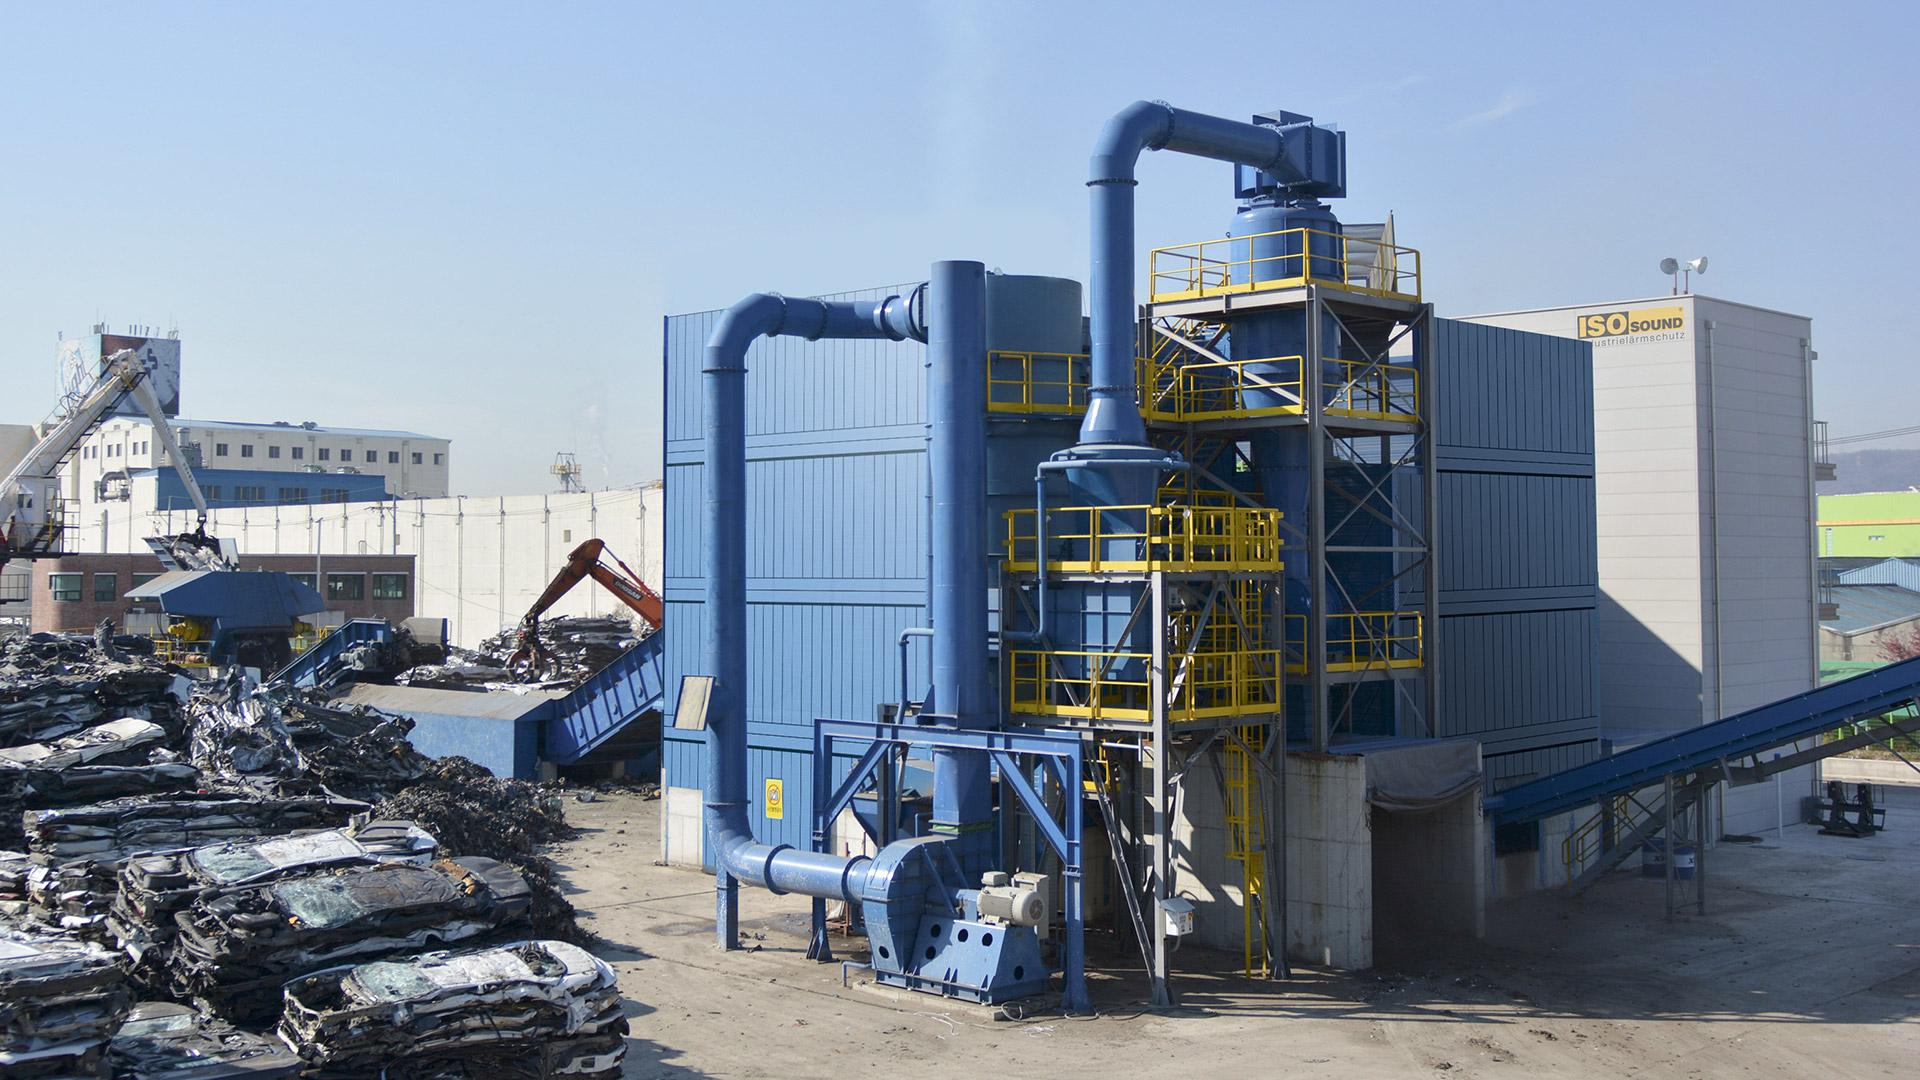 Industrielärmschutz